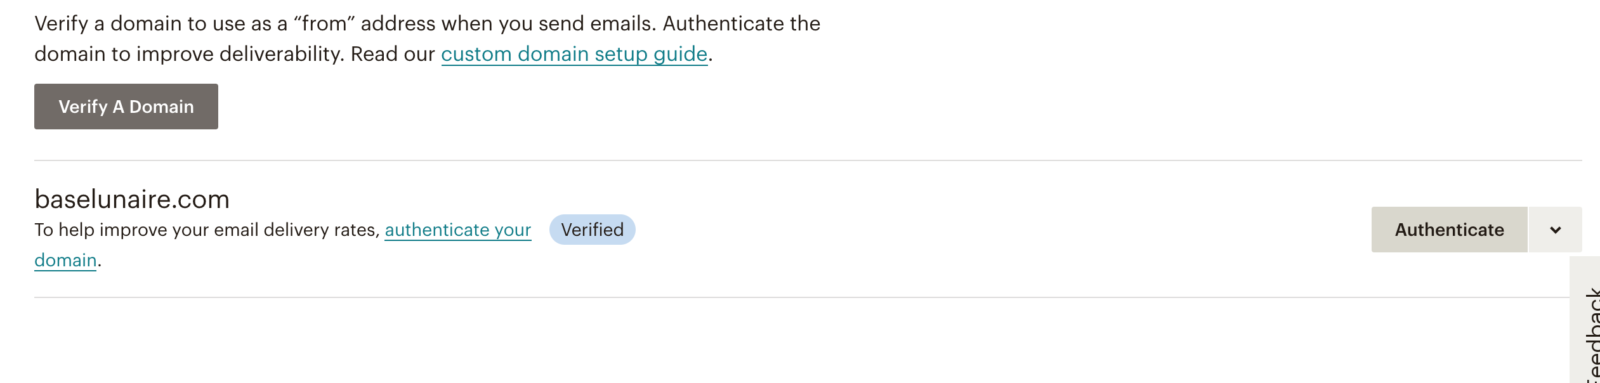 Obtenir sa clé dkim sur mailchimp